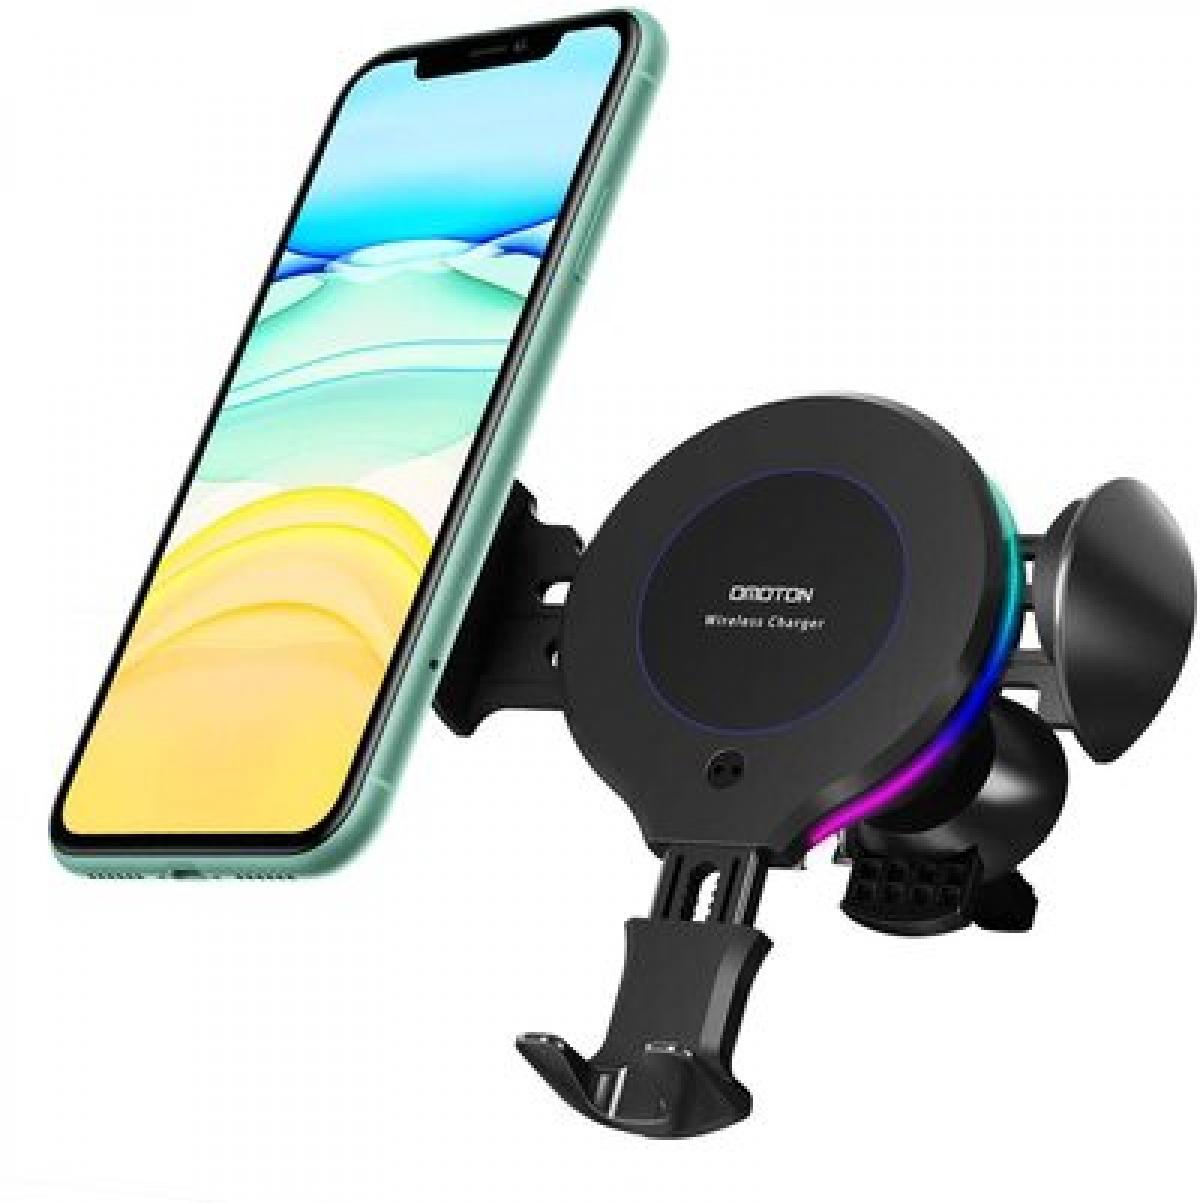 Tất cả điện thoại thông minh tương thích Qi đều có thể được sạc trên giá của Omoton, trong đó có điện thoại Samsung công suất sạc 10W, iPhone có công suất 7,5W. Phụ kiện này gắn trực tiếp vào lưới thông gió trên xe ô tô và có thể xoay 360 độ.